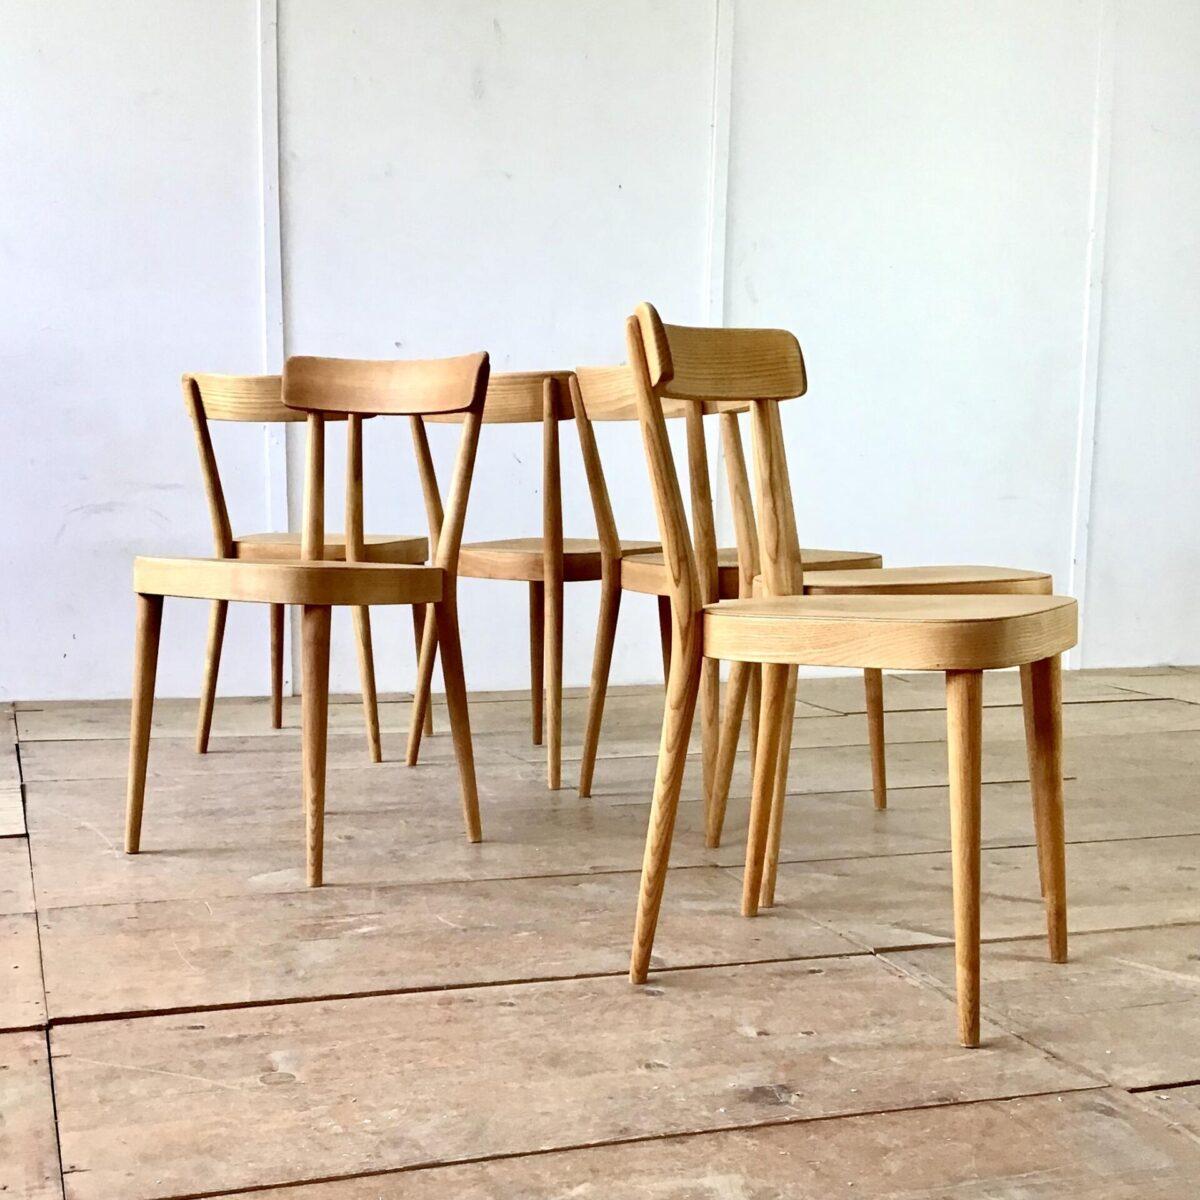 7 Horgenglarus Stühle von Werner Max Moser preis pro Stuhl. Die Stühle sind aus Esche, Beine rund verjüngt. Hinterbeine Dampfgebogen mit sehr schönem Abschluss hinter der Lehne. Die Rückenlehne ist im Vergleich zu anderen Horgenglarus Stühlen sehr minimal gehalten, nur auf das nötigste reduziert. Was auch auf den ganzen Stuhl zutrifft, trotzdem kommen Ergonomie und Stabilität nicht zu kurz. Die Stühle sind geschliffen und geölt, matte warme honiggelbe Ausstrahlung.